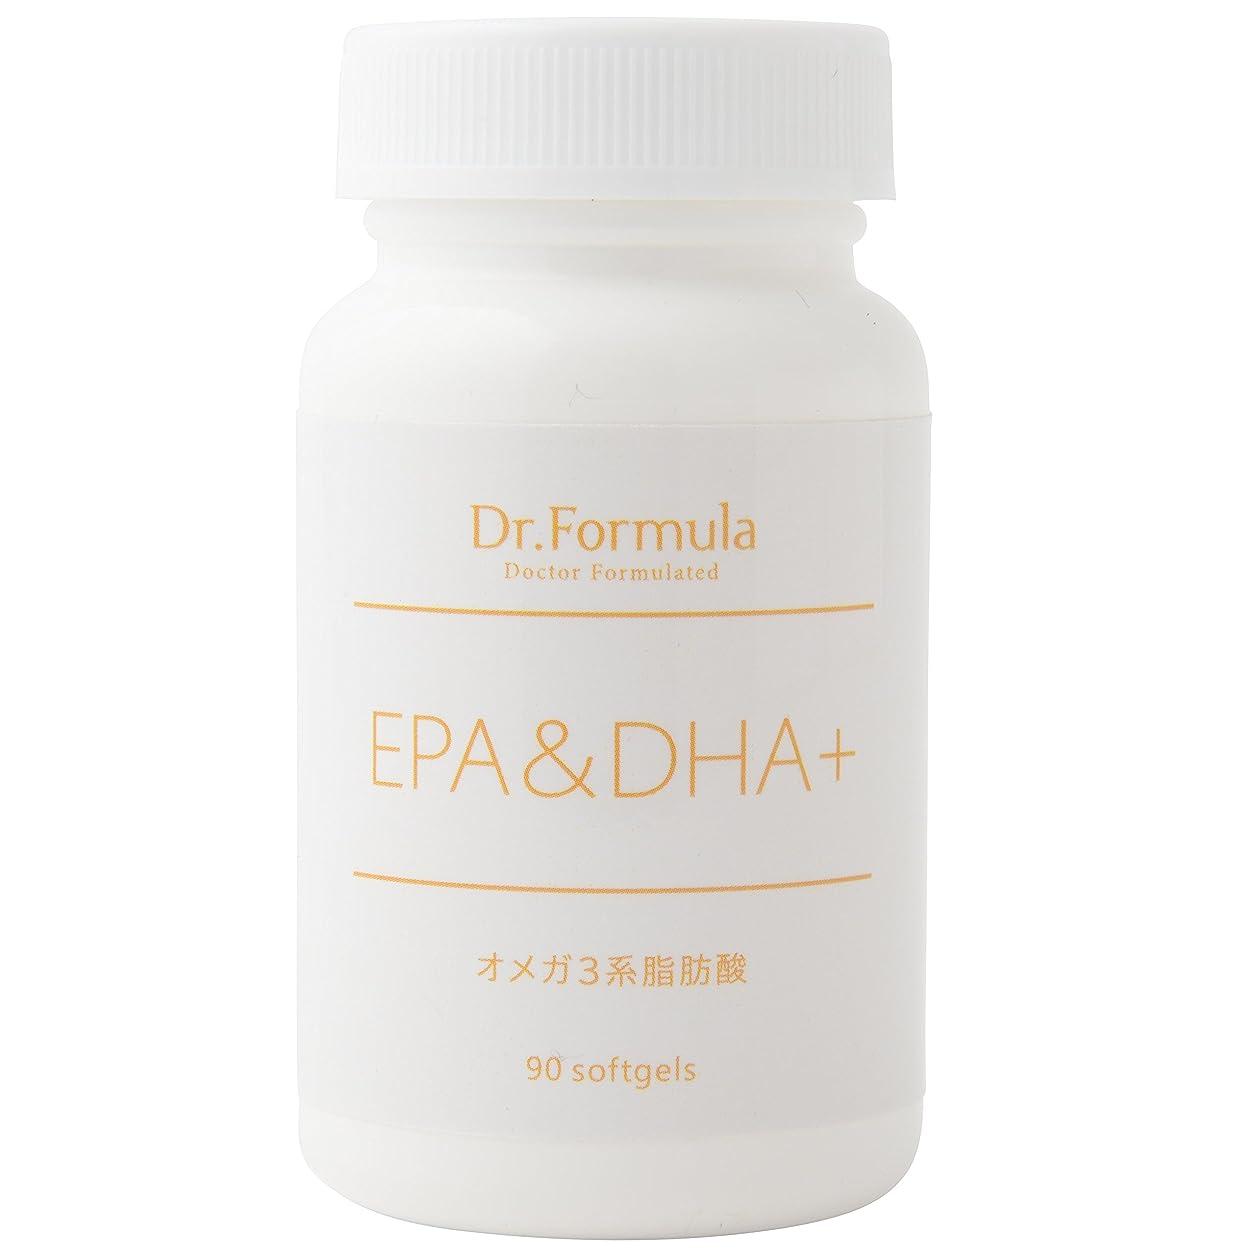 化合物沼地分割Dr.Formula EPA&DHA+(オメガ 3系脂肪酸) 30日分 90粒 日本製 OMEGA3